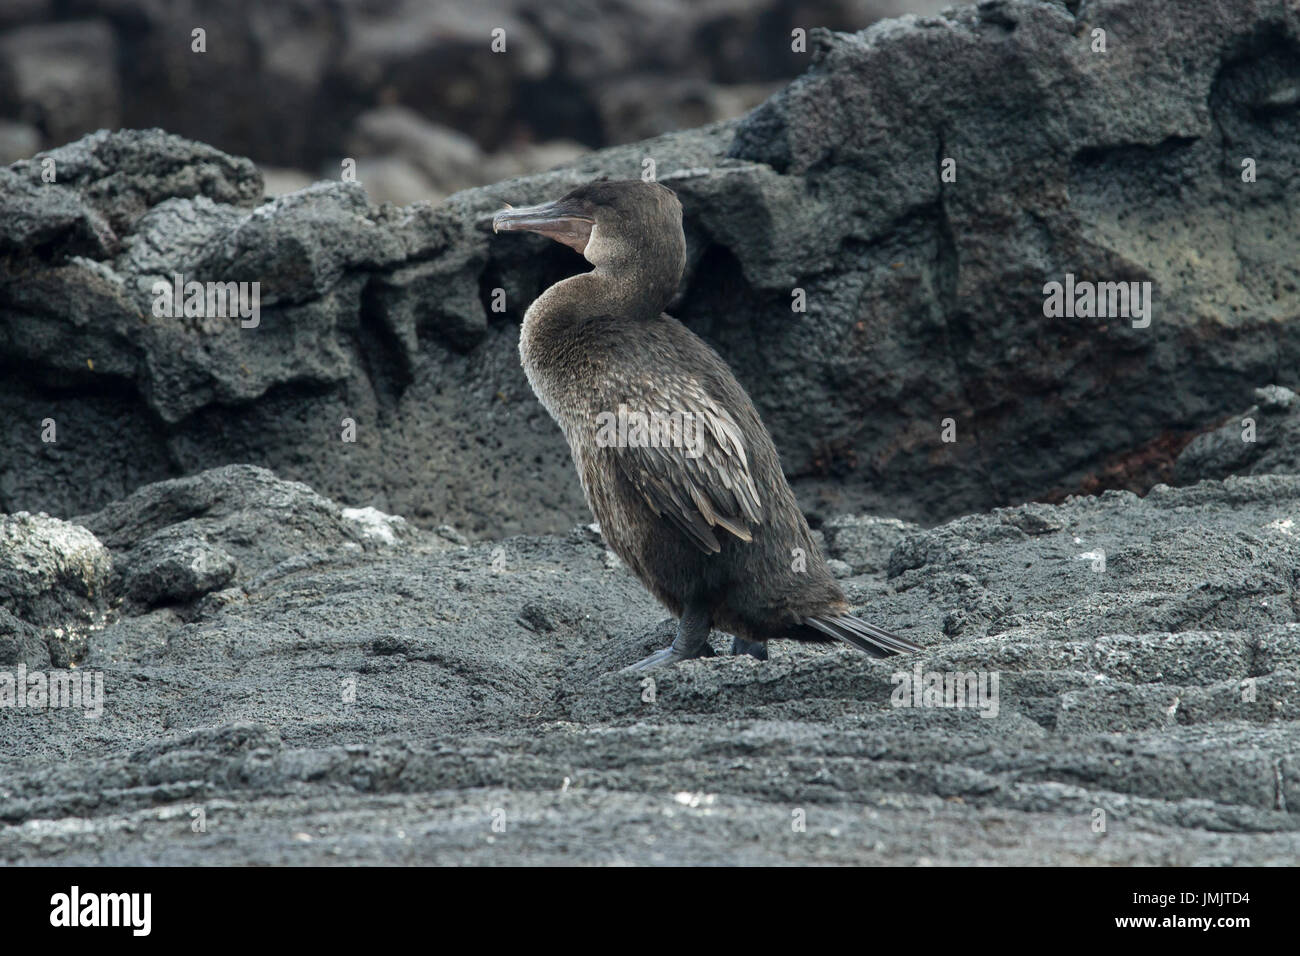 Flightless Cormorant - Cormorán no volador - Galápagos Islands - Stock Image